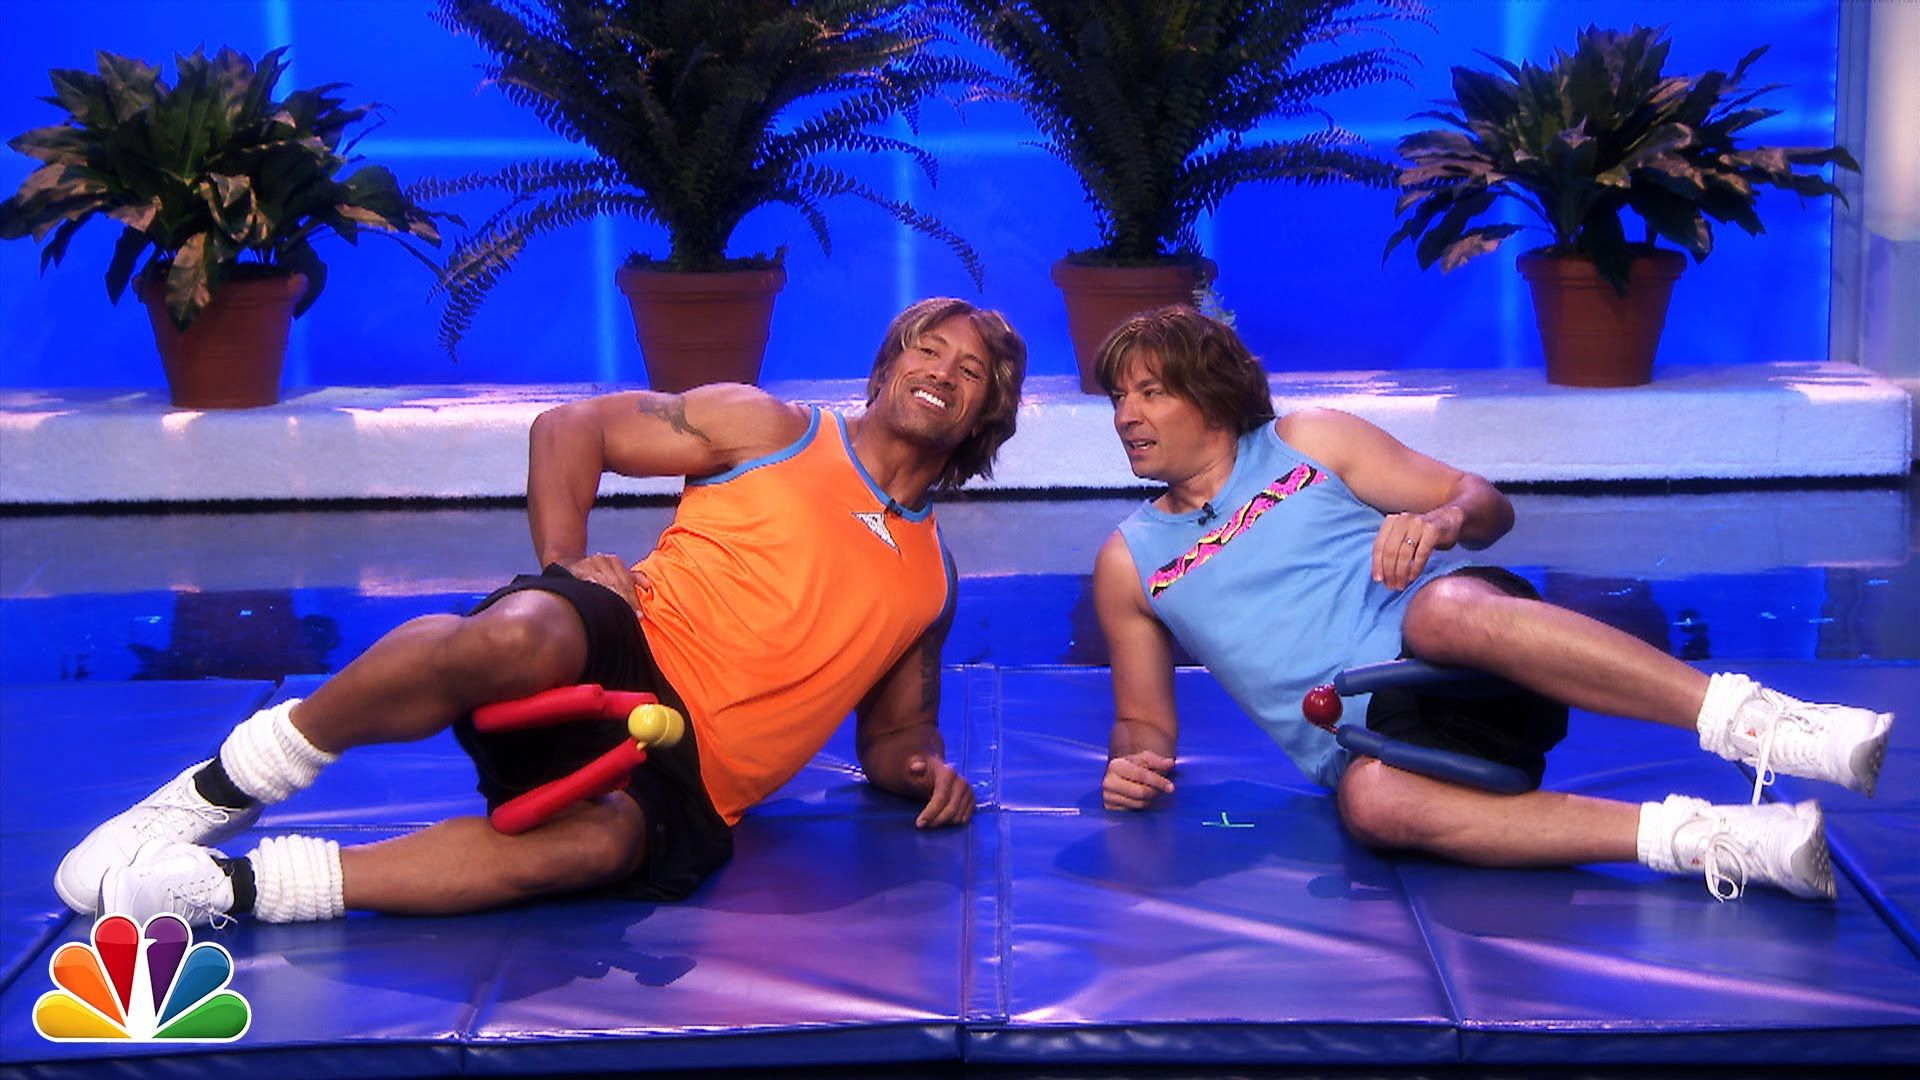 Jimmy Fallon Dwayne Johnson S Workout Videos Part 1 The Rock Dwayne Johnson Jimmy Fallon Dwayne Johnson